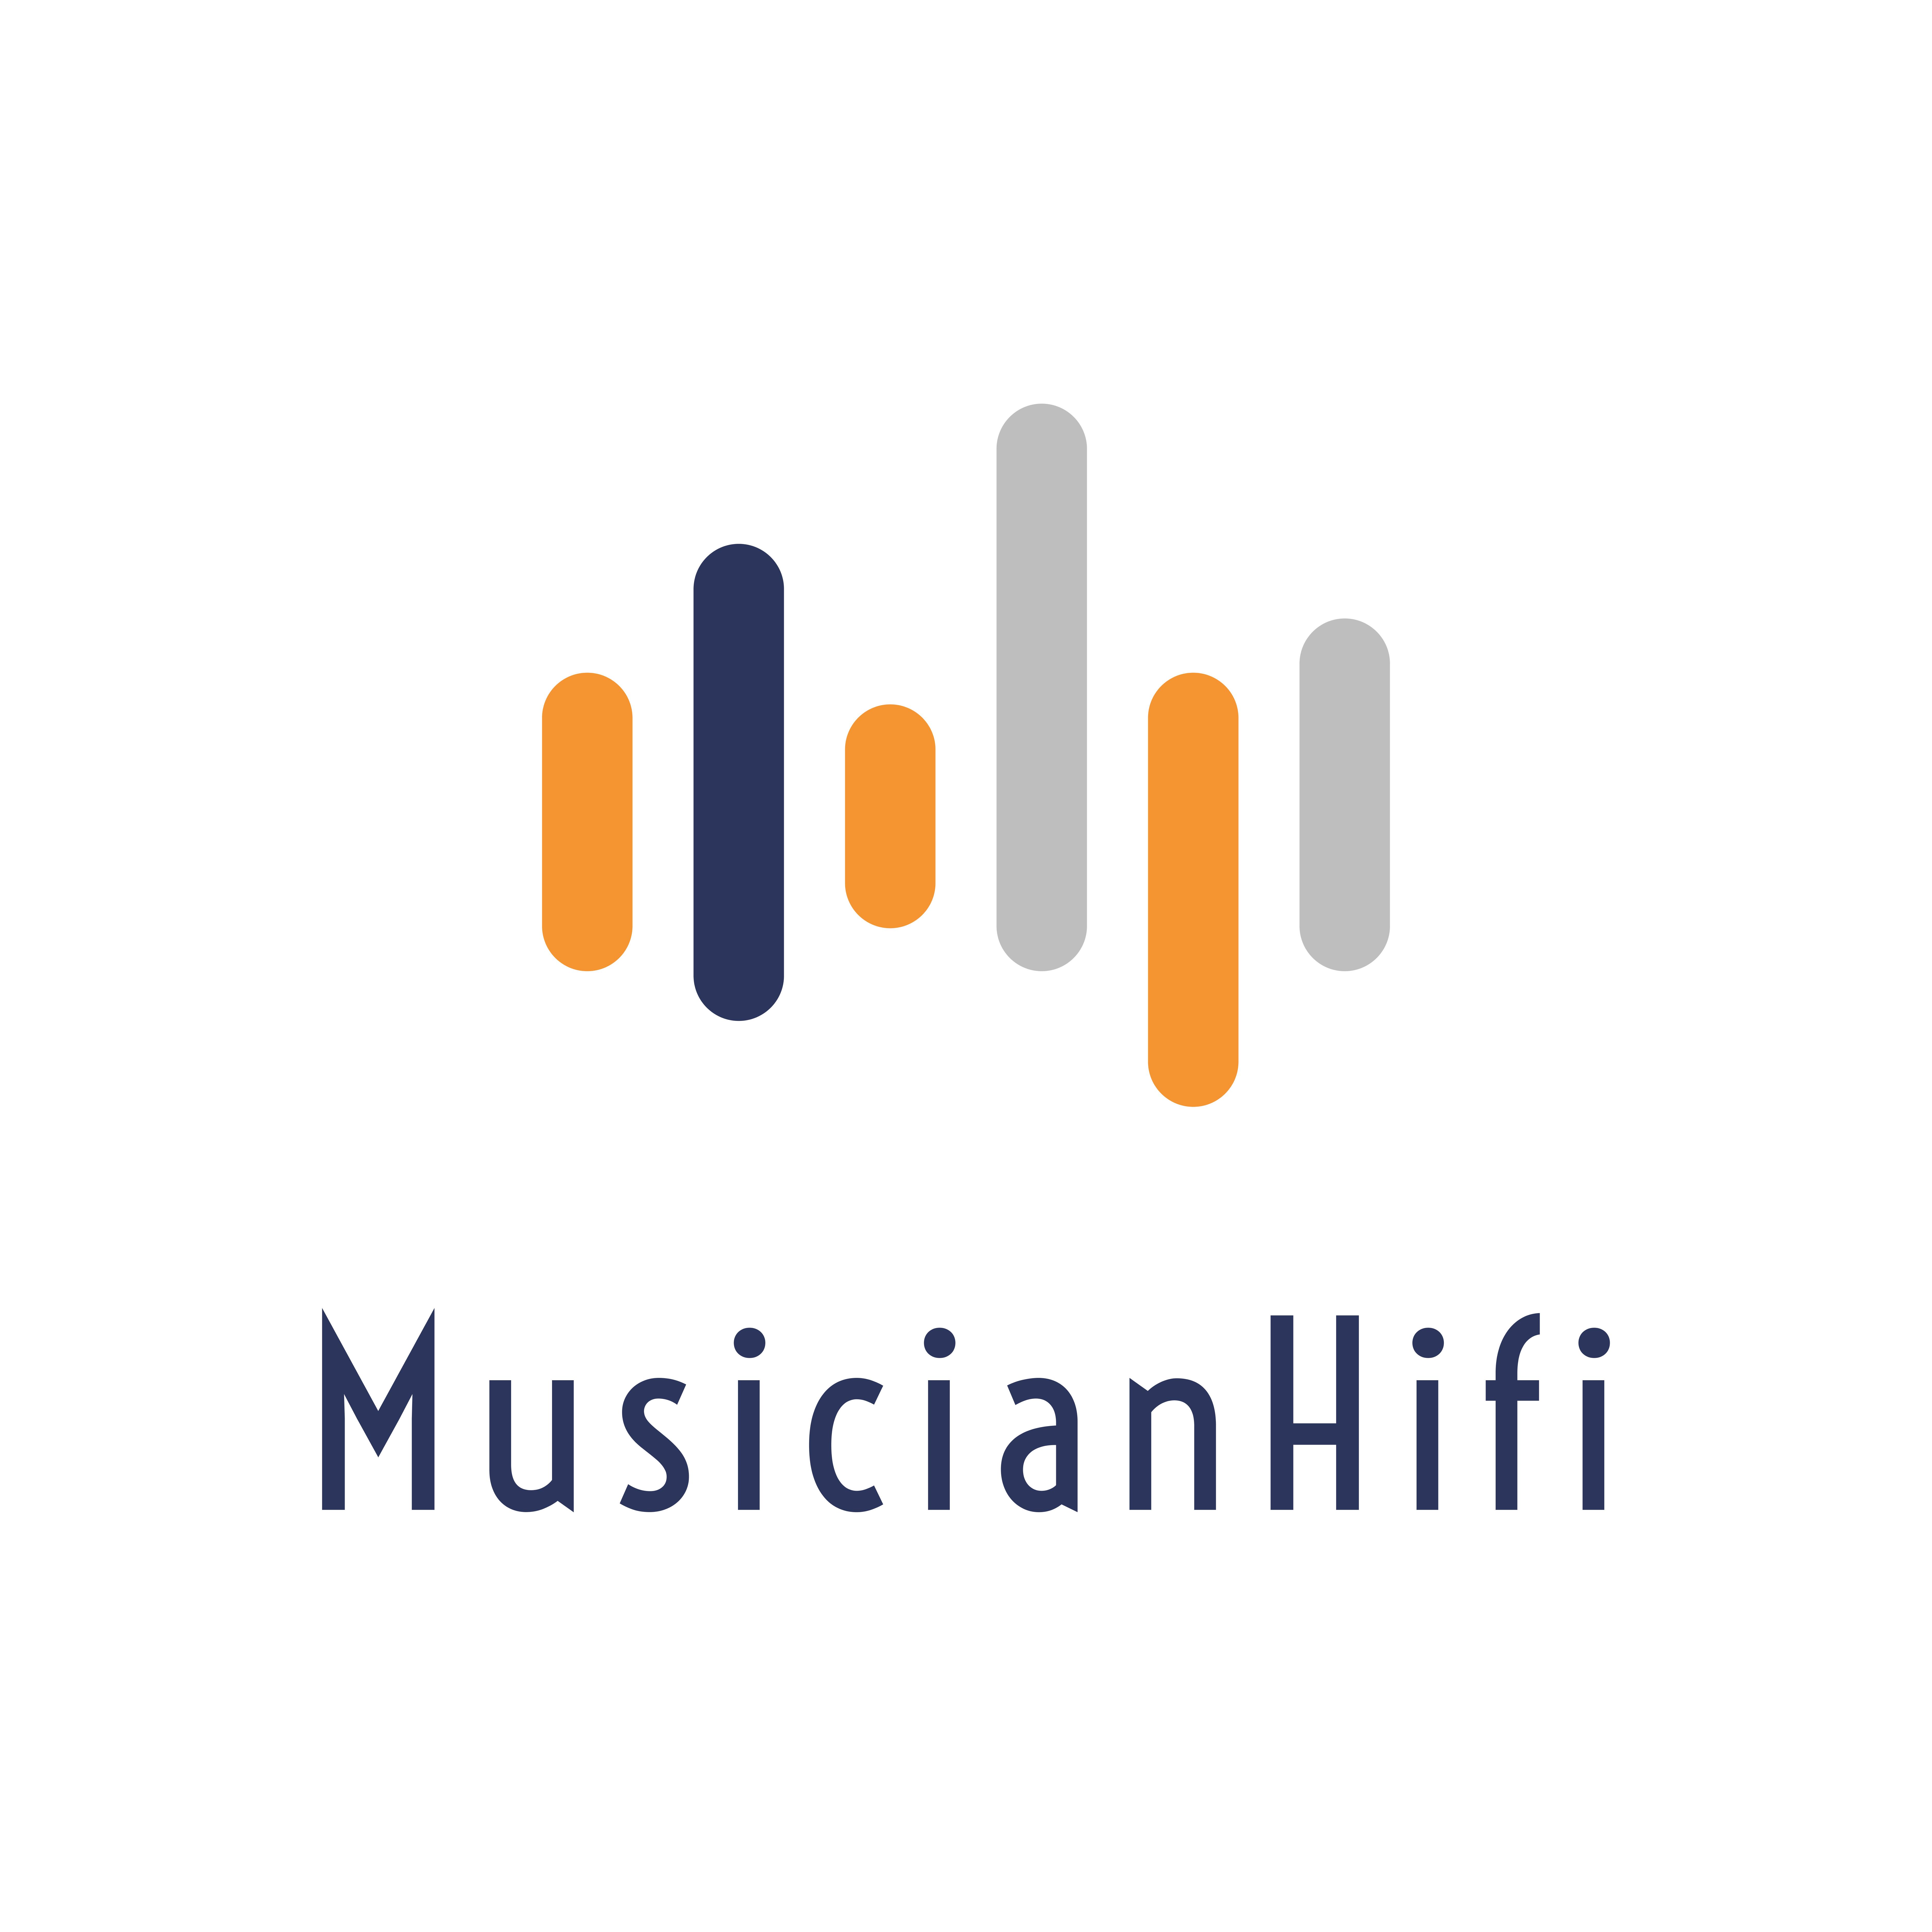 MusicianHifi